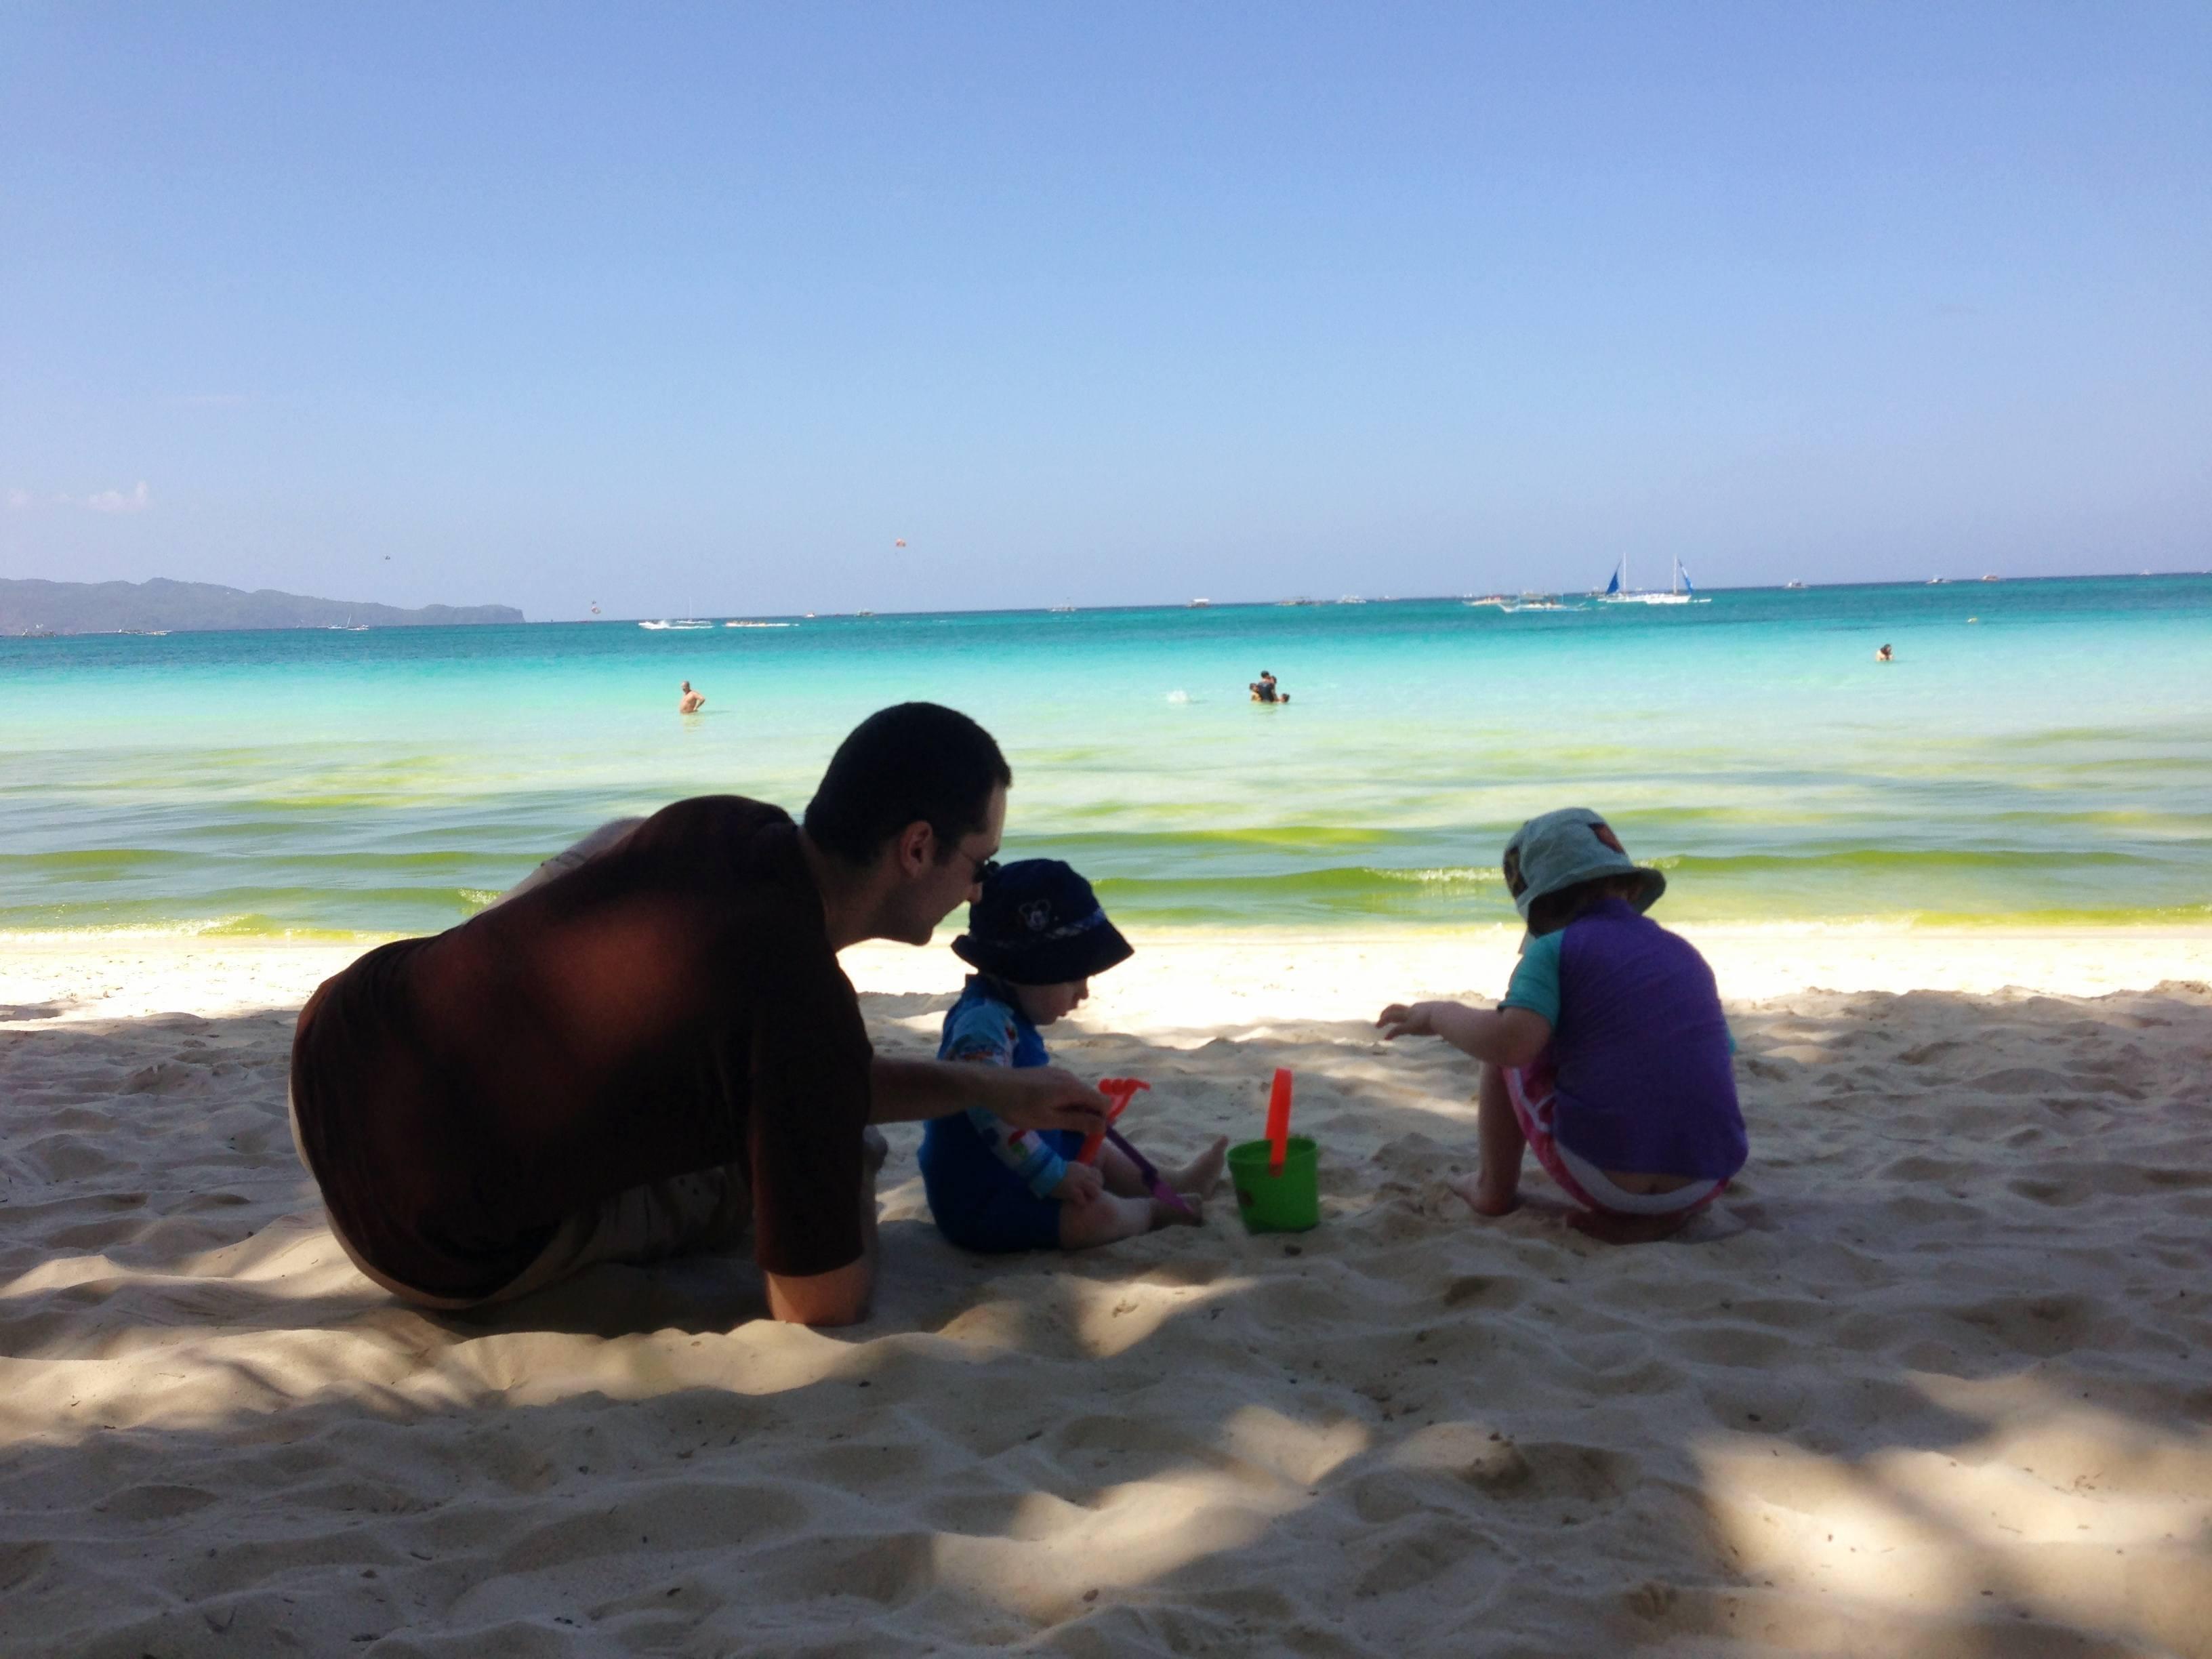 Sitting on the beach at Boracay